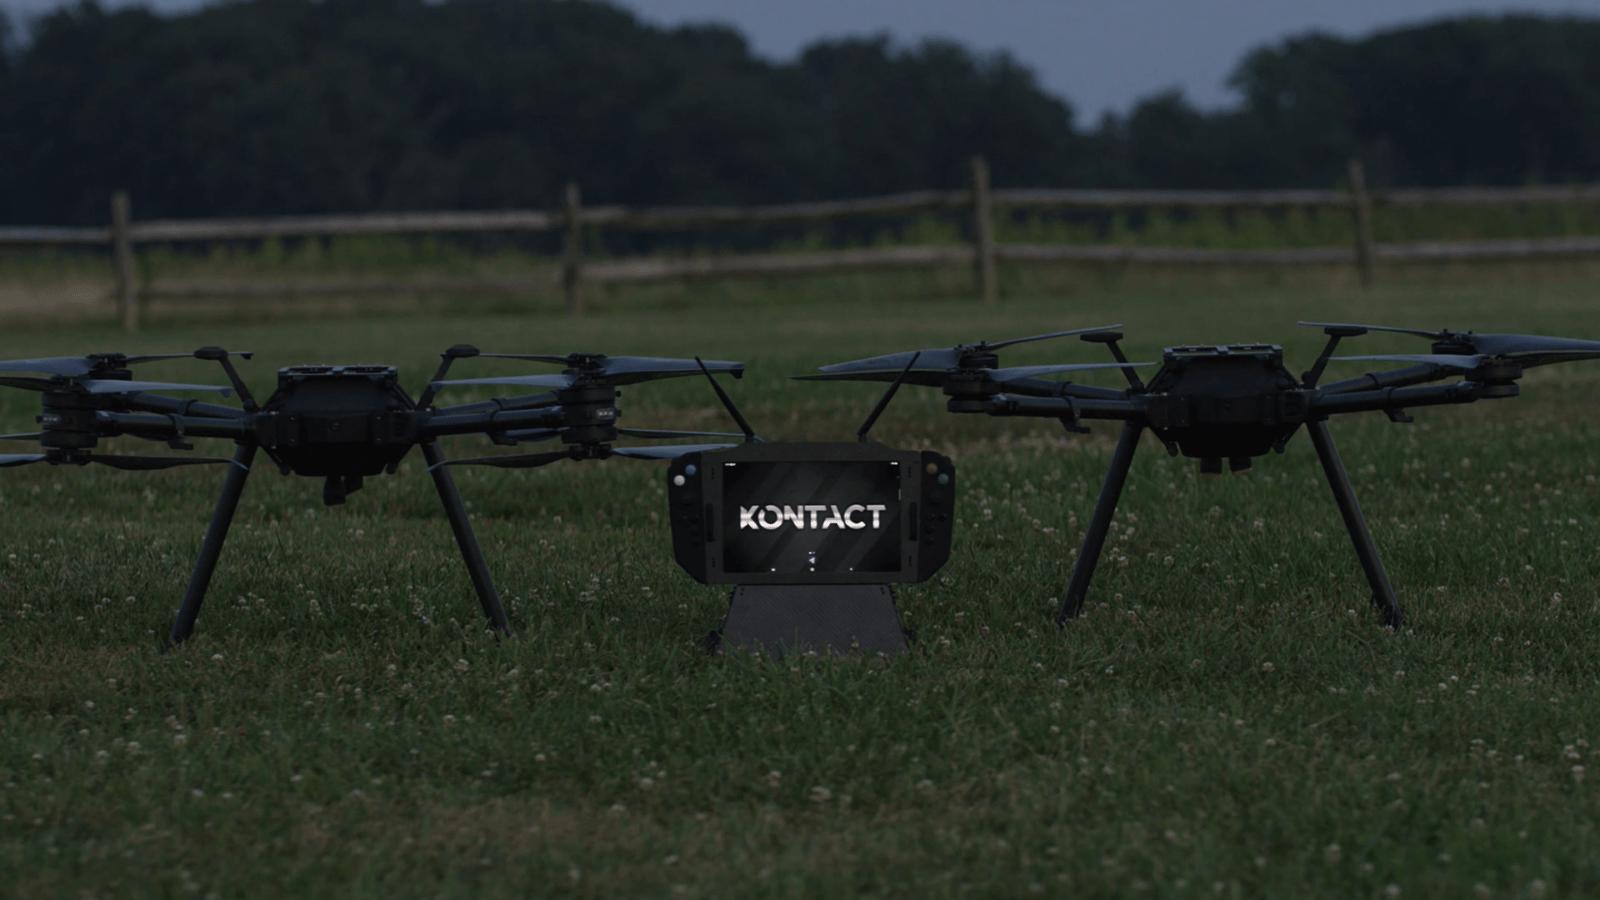 Компания разработчик дронов Watts Innovations объявила о запуске нового продукта PRISM SKY